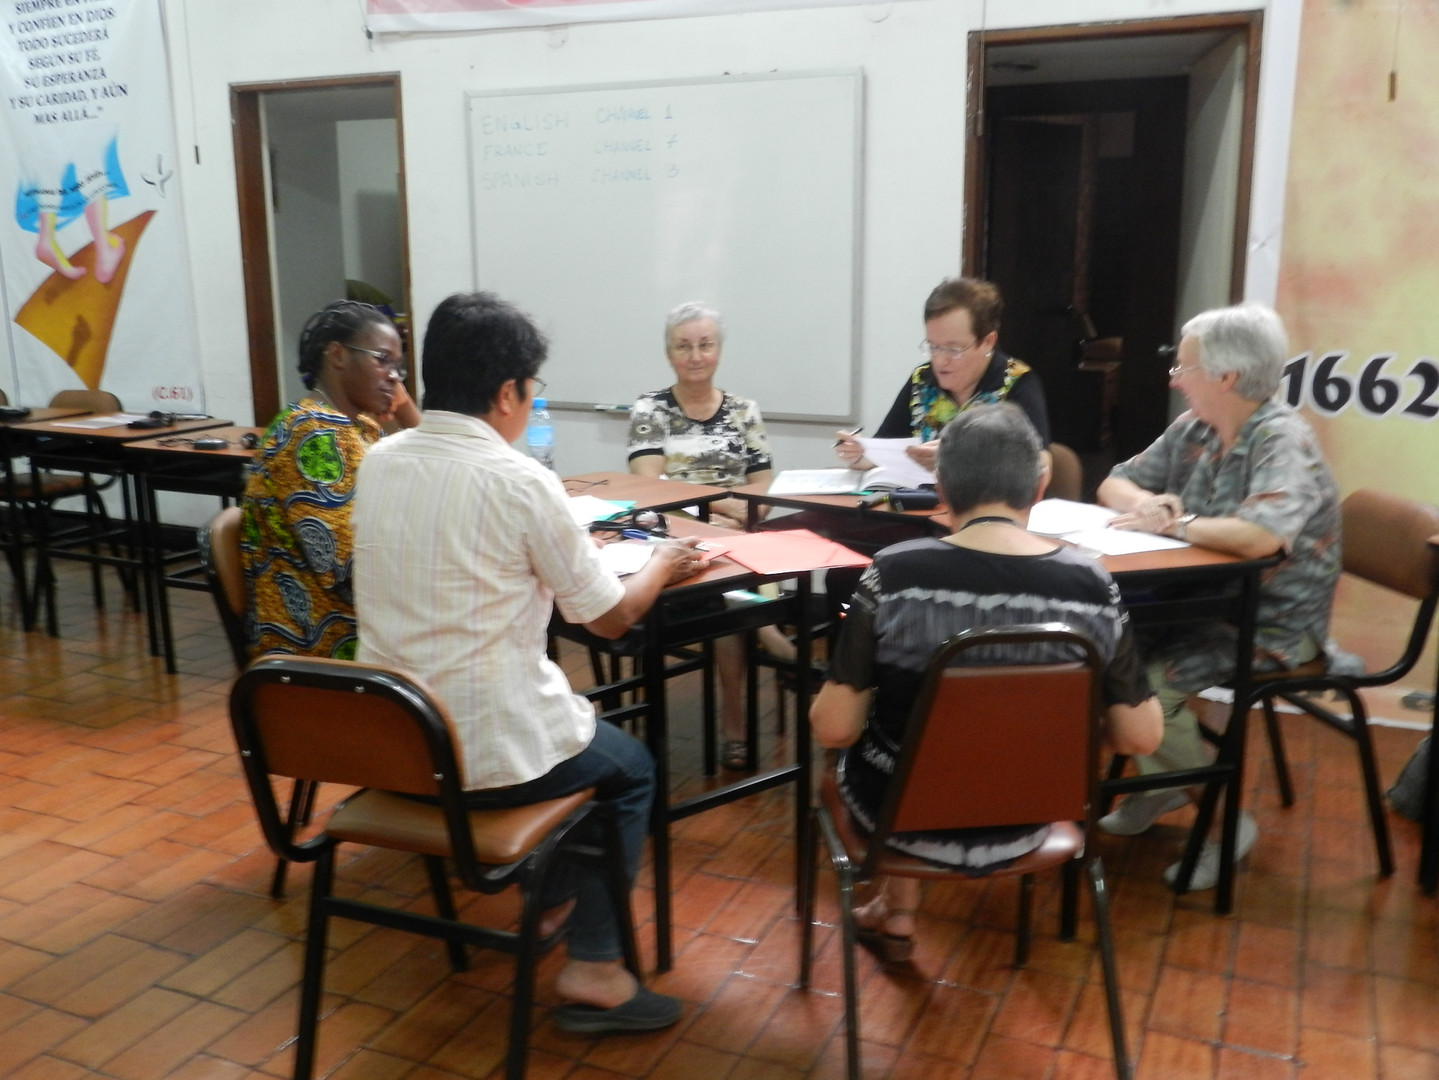 group-1-carlota-béatrice-pilar-mireia-co